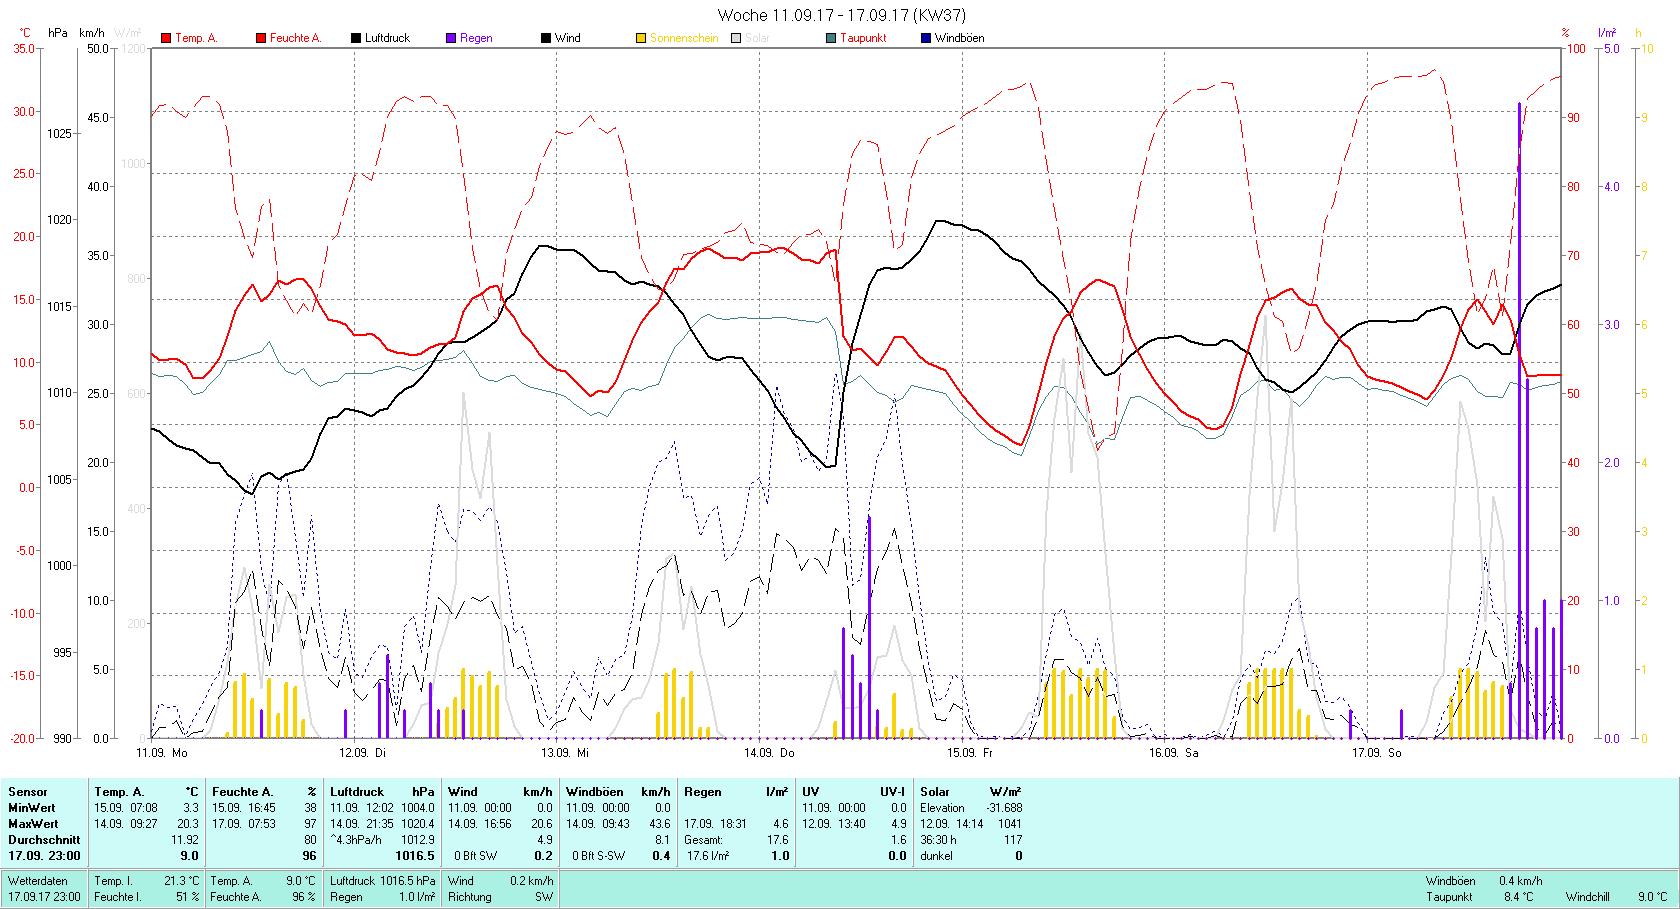 KW 37 Tmin 3.3°C, Tmax 20.3°C, Sonne 36:30 h Niederschlag 17.6 mm2